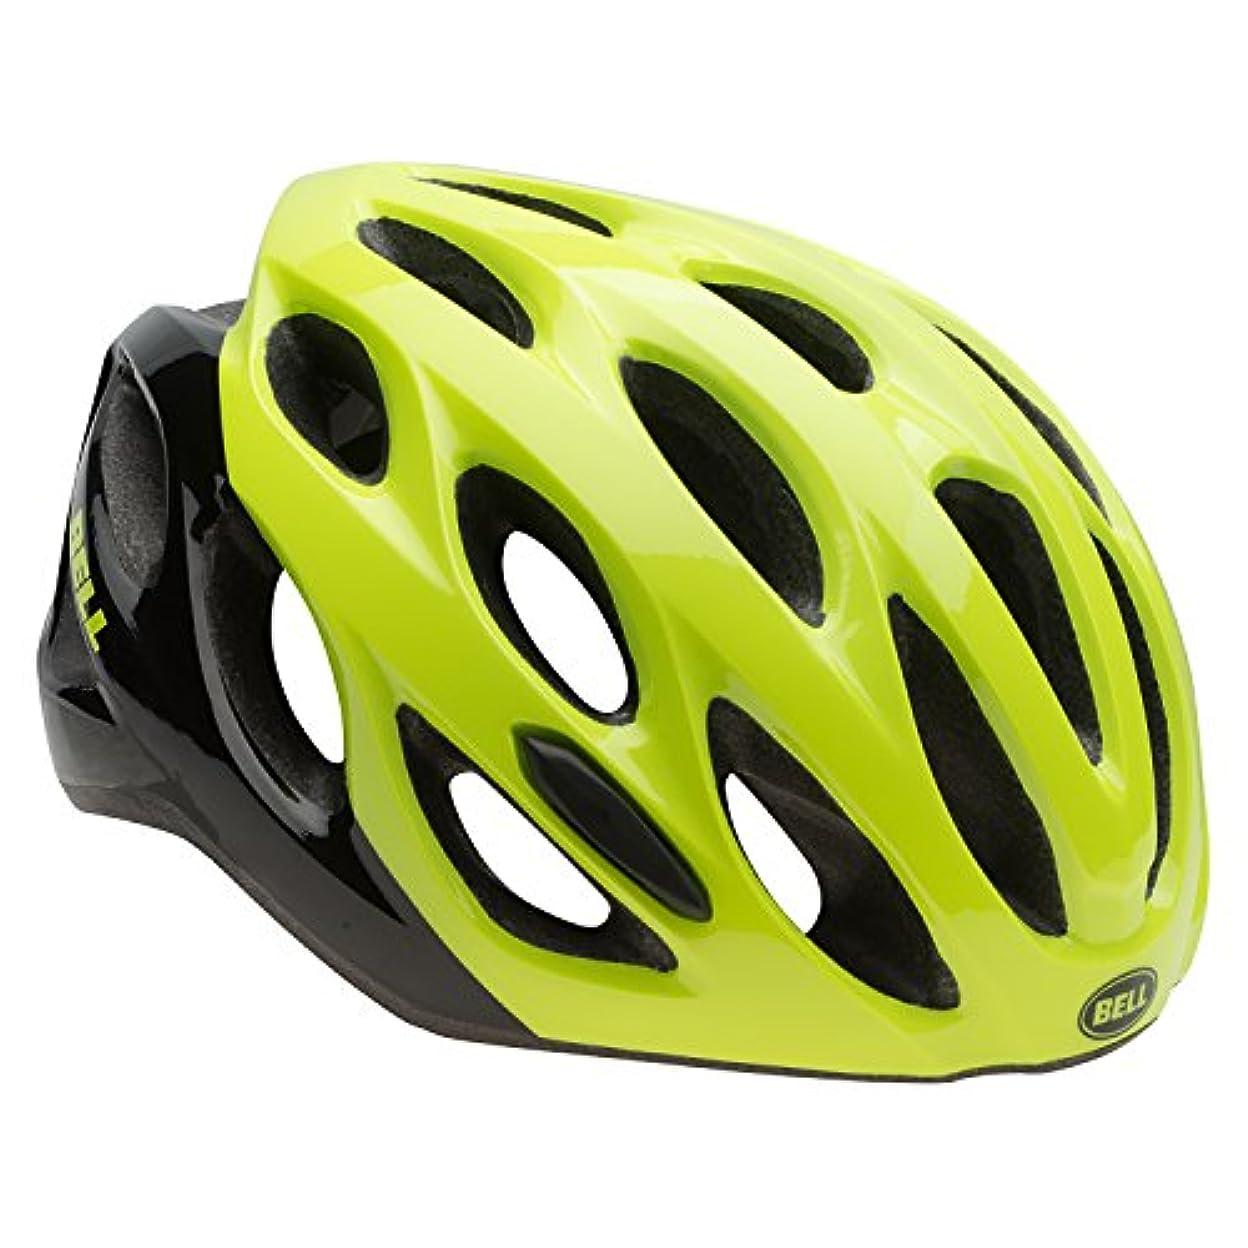 作業スリーブ評論家BELL(ベル) ヘルメット 自転車 サイクリング DRAFT AF [ドラフト アジアンフィット レティーナシアーブラックリポーズ U AF 7074670]